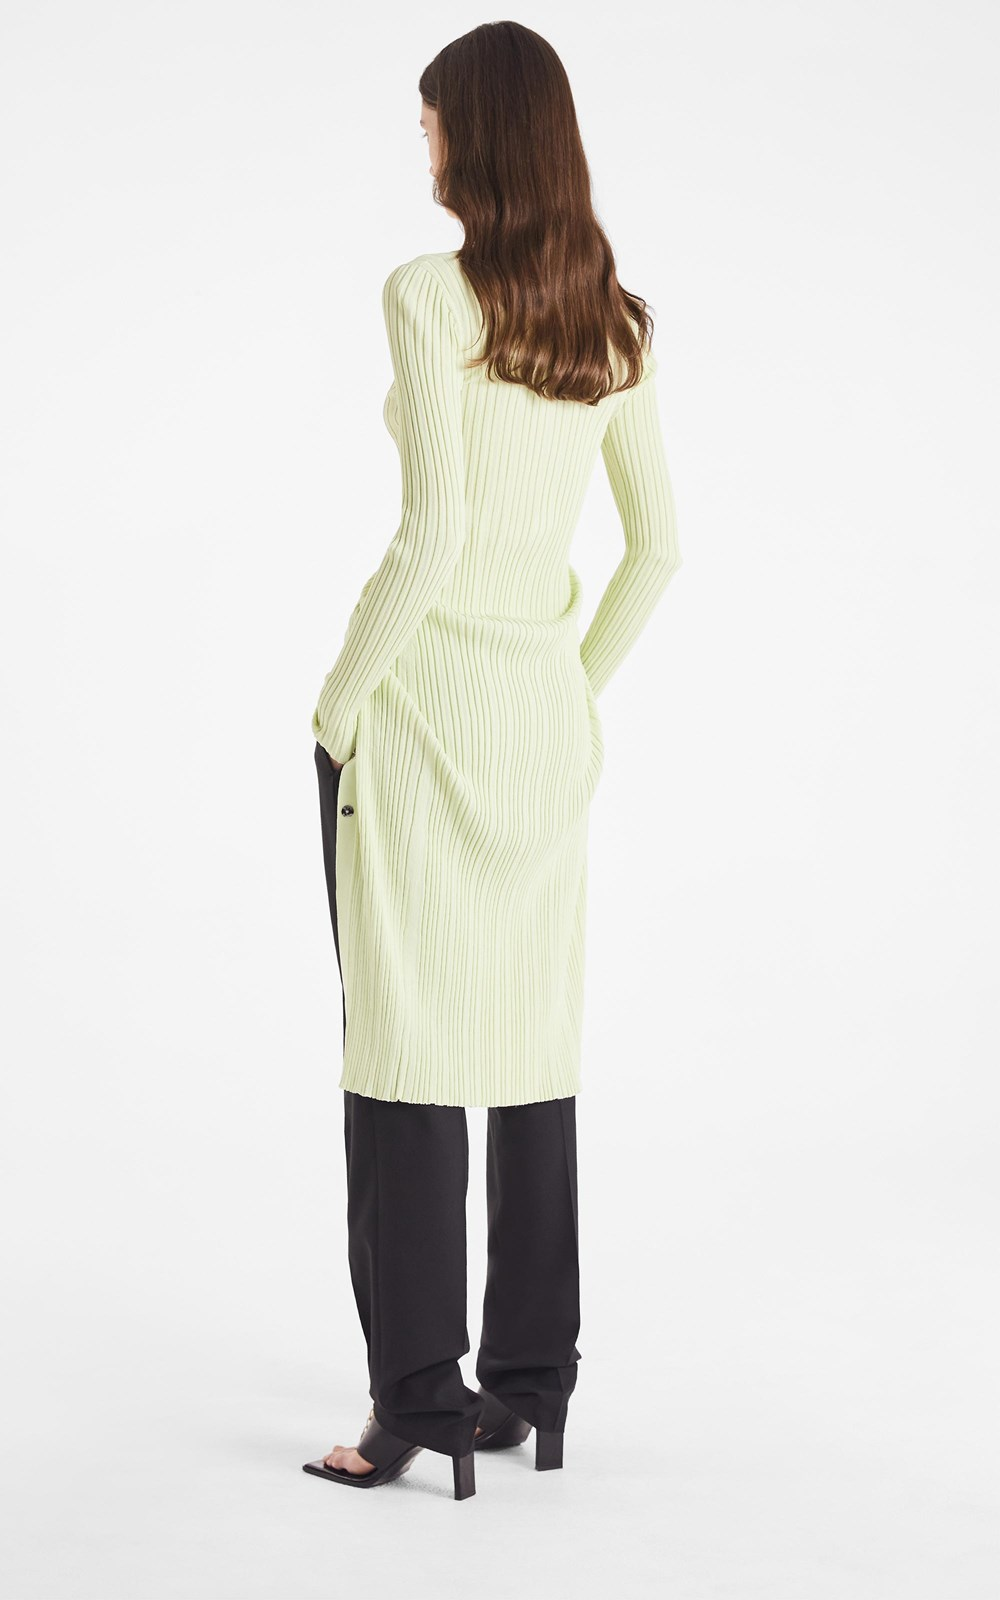 Knitwear | FLOAT RIB MIDI DRESS